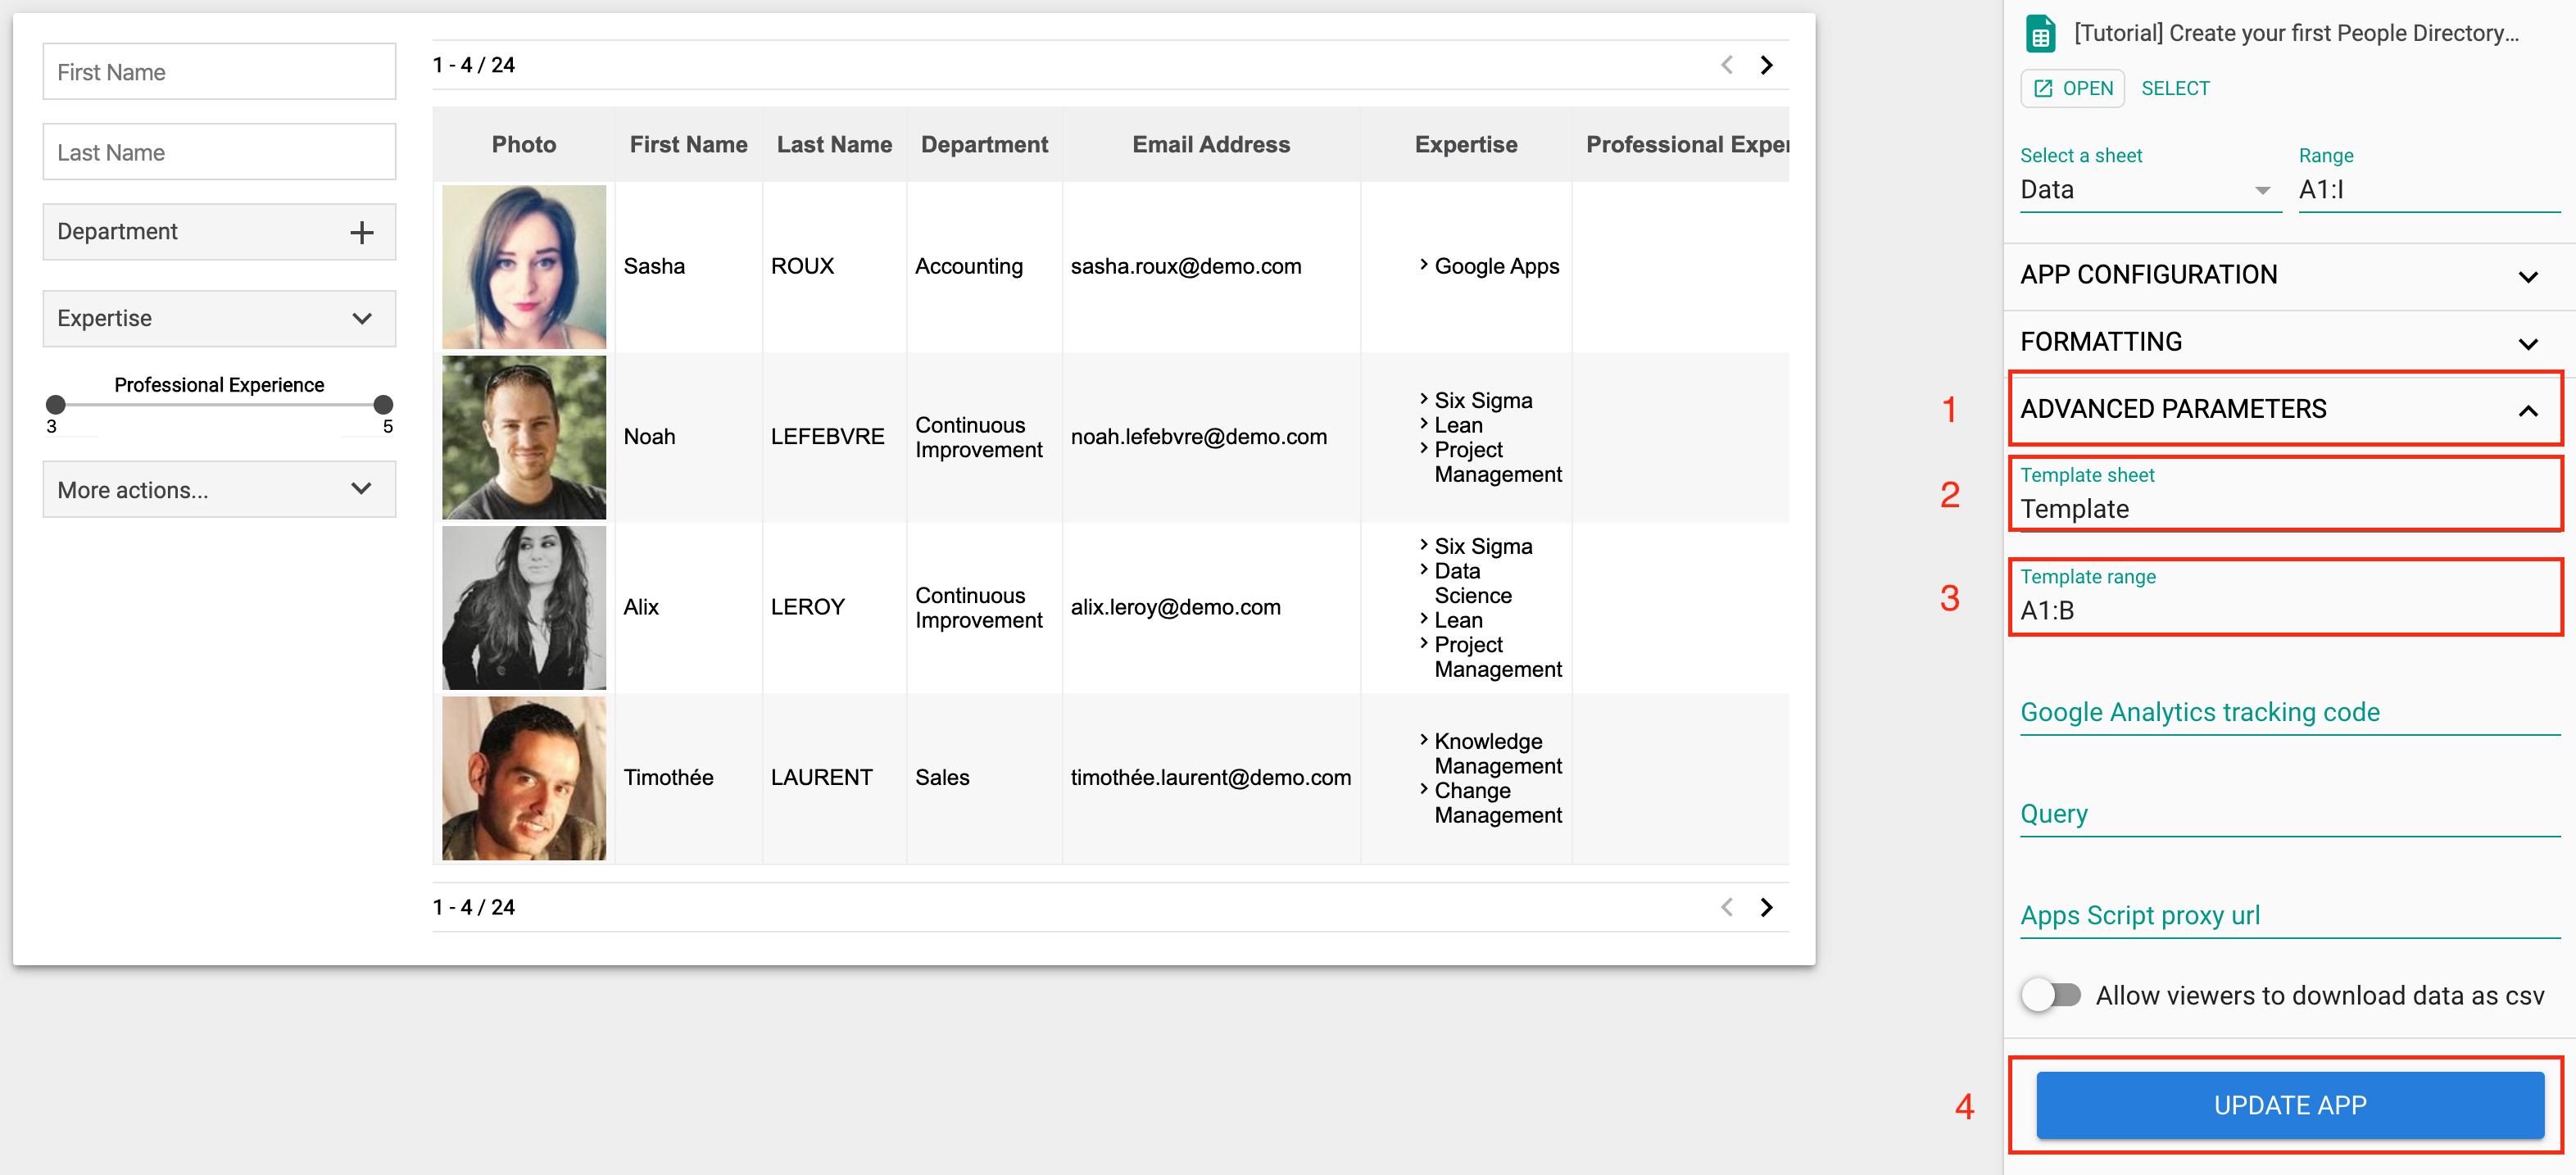 Screenshot_2020-03-18_at_15.51.08.png